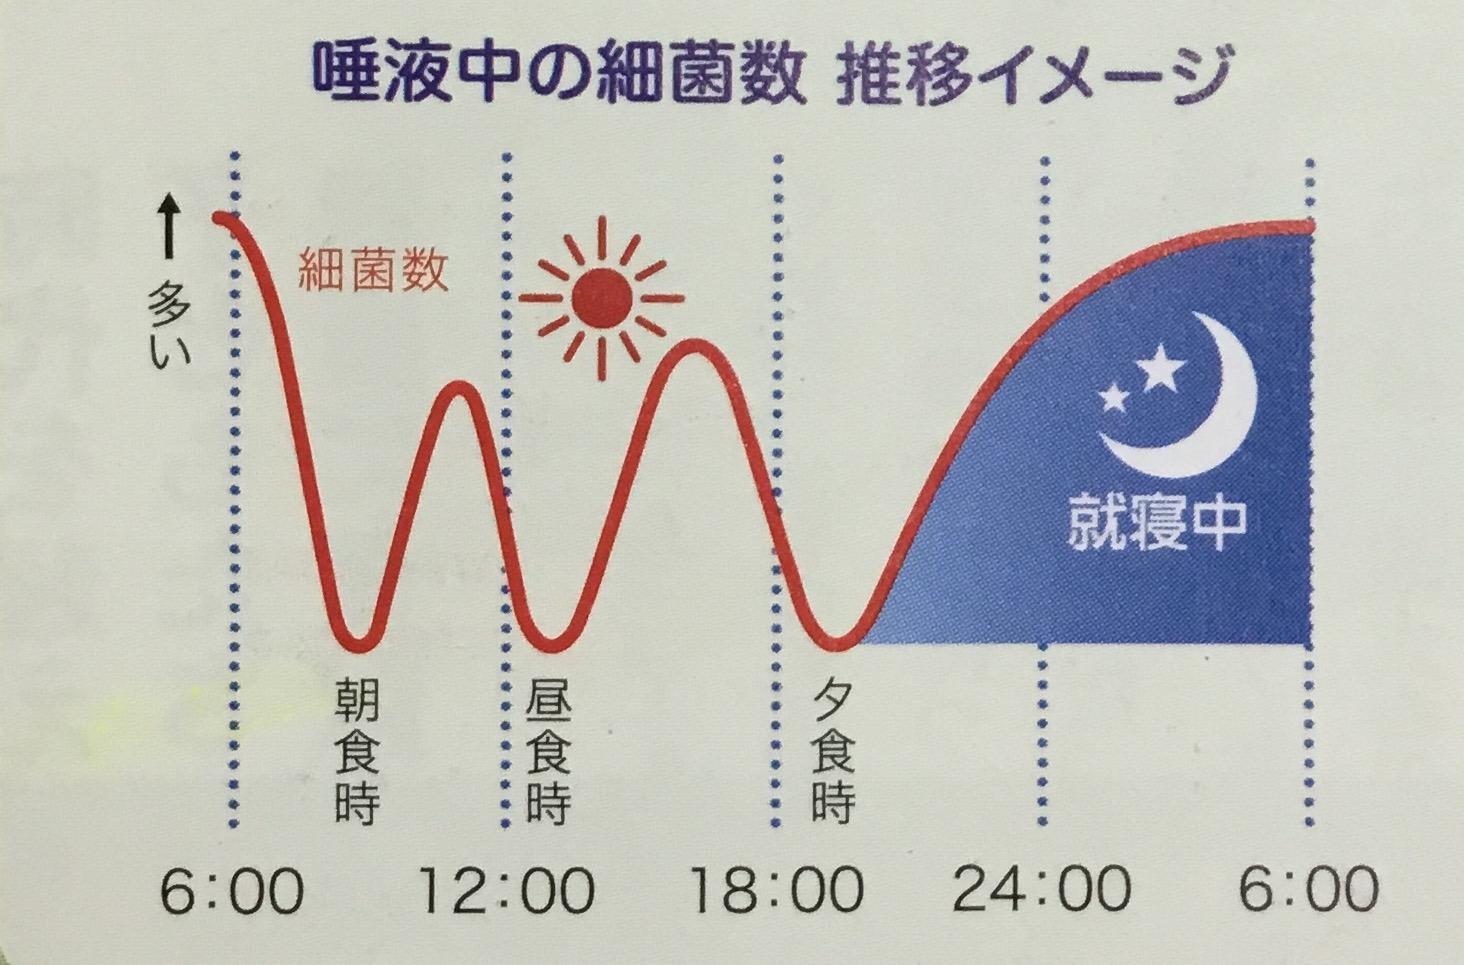 寝る前は集中的にナイトケア